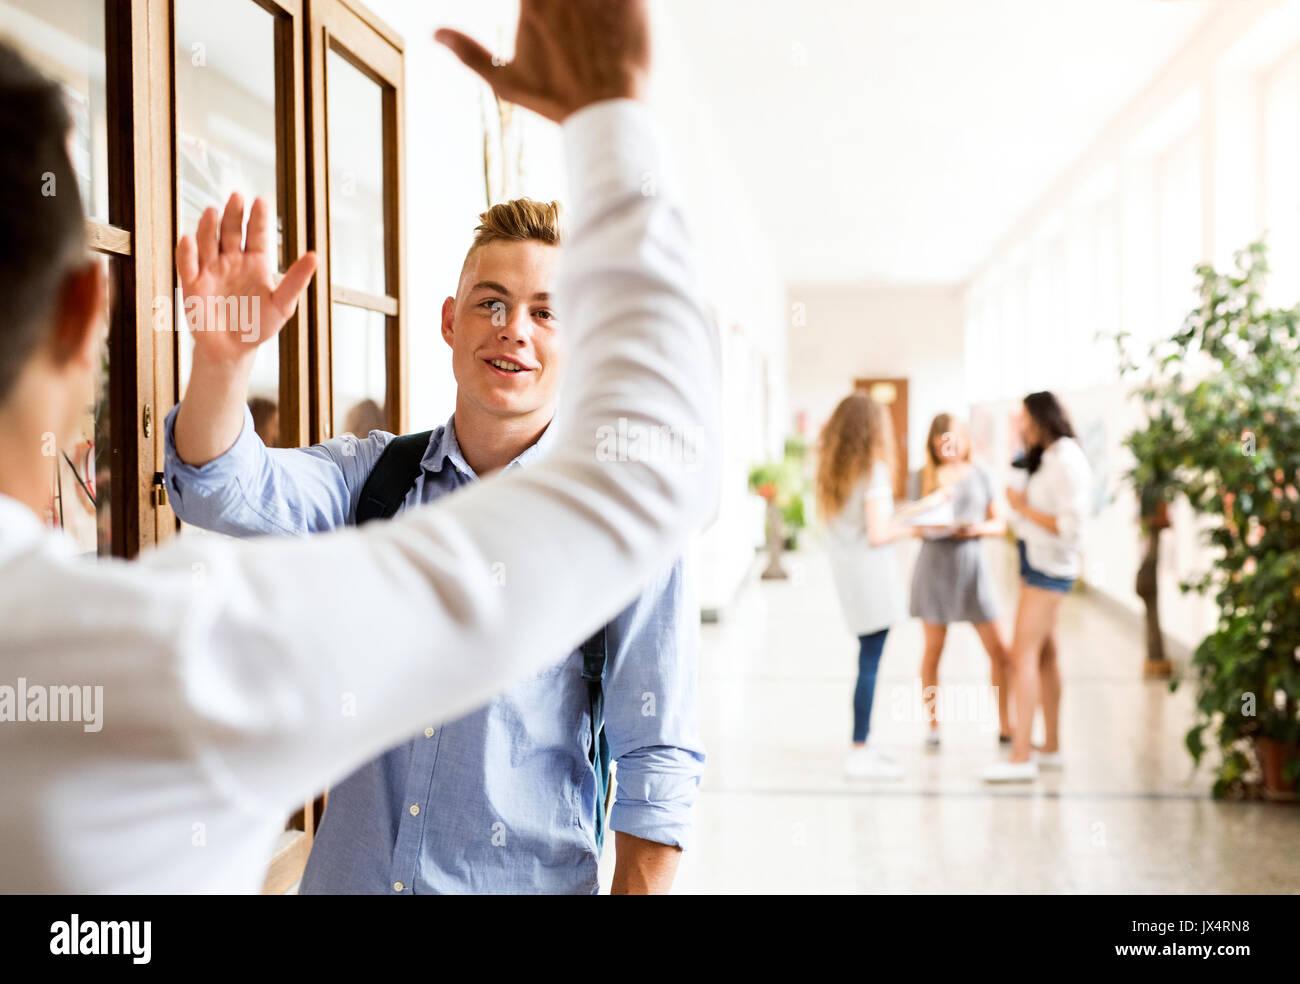 Due graziosi studenti adolescenti in high school hall dando alta 5. Immagini Stock